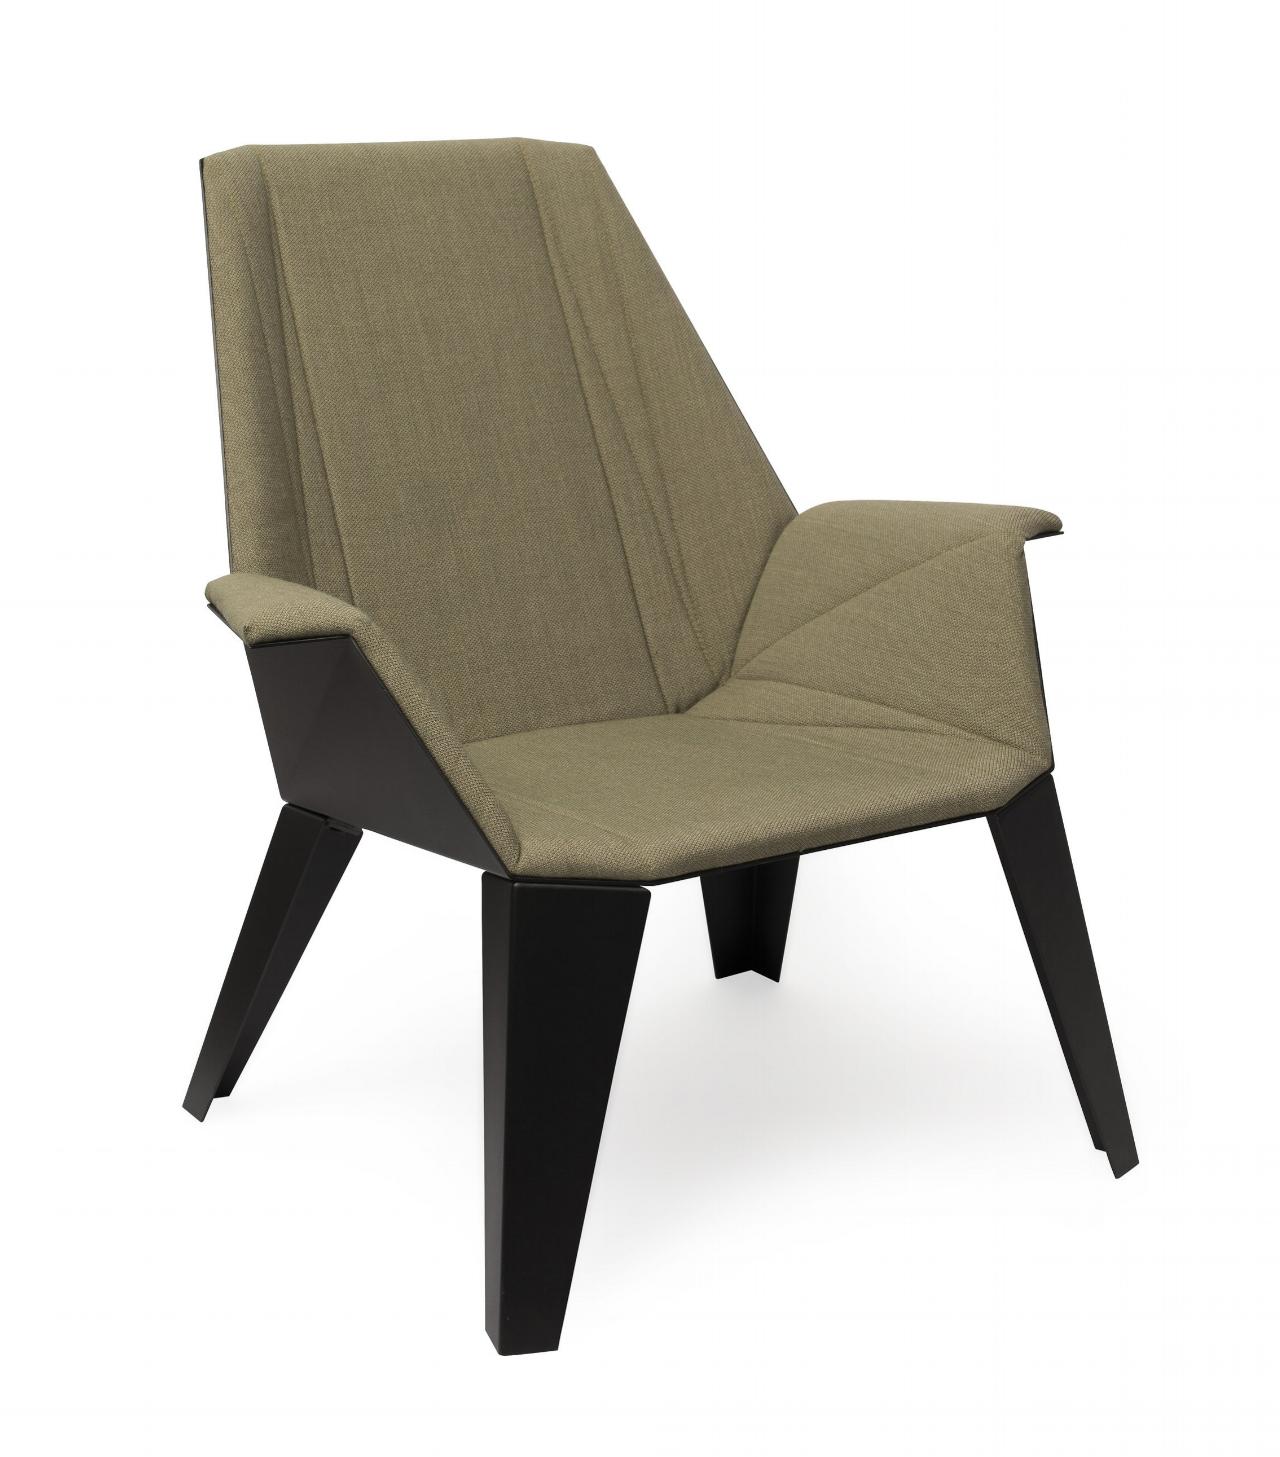 Alumni Lounge Alpha black forest upholstered_ side angle.jpg